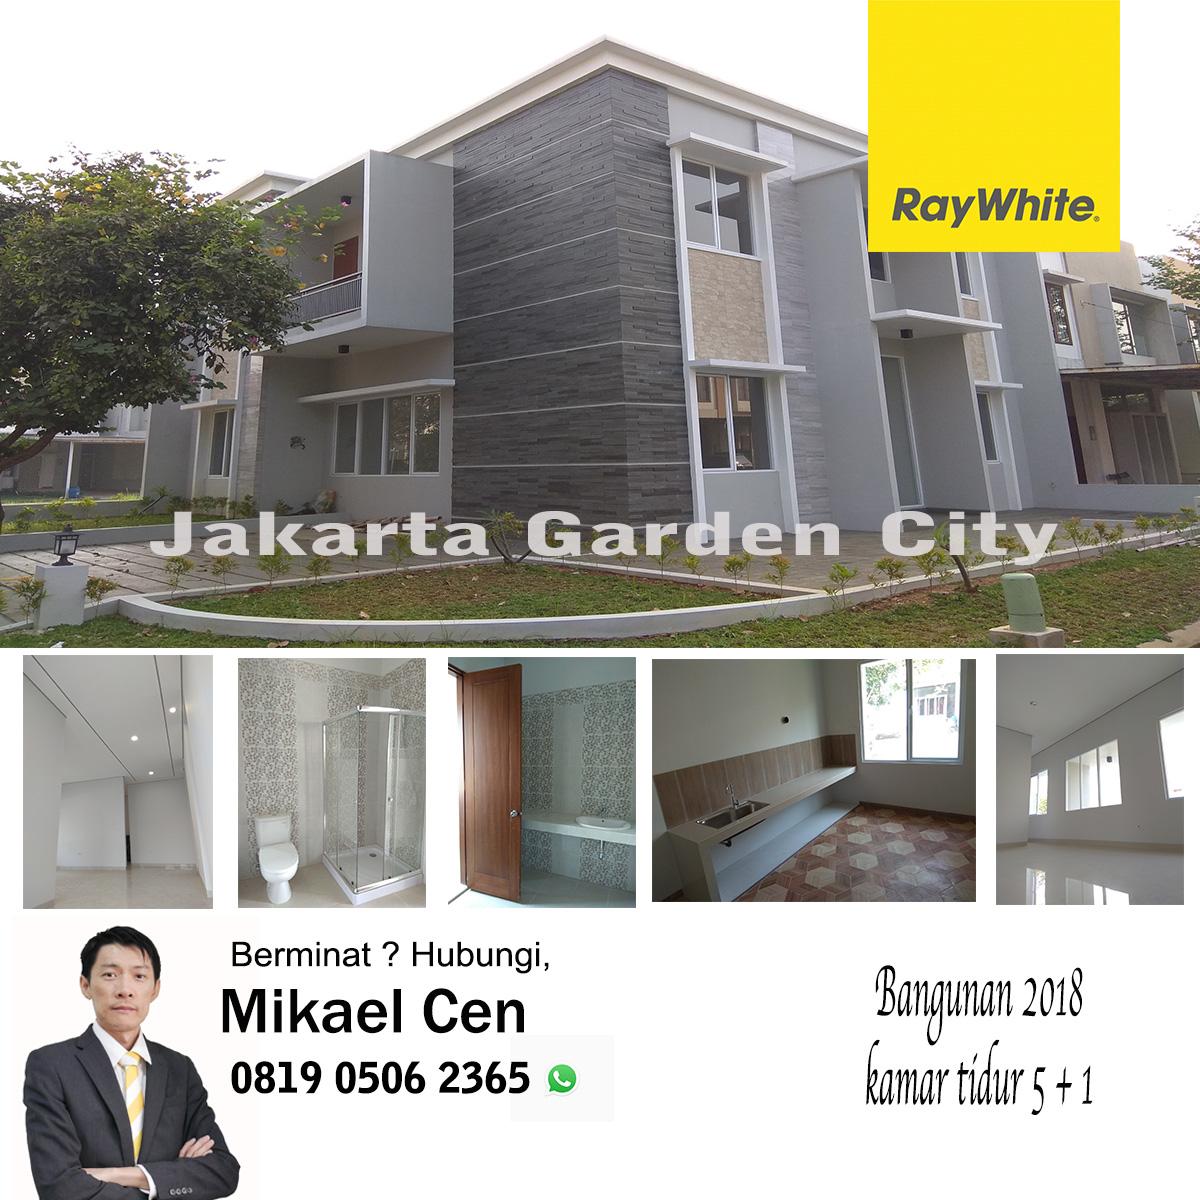 Rumah Baru Dengan Design Sendiri Tipe Large di Jakarta Garden City, Cakung